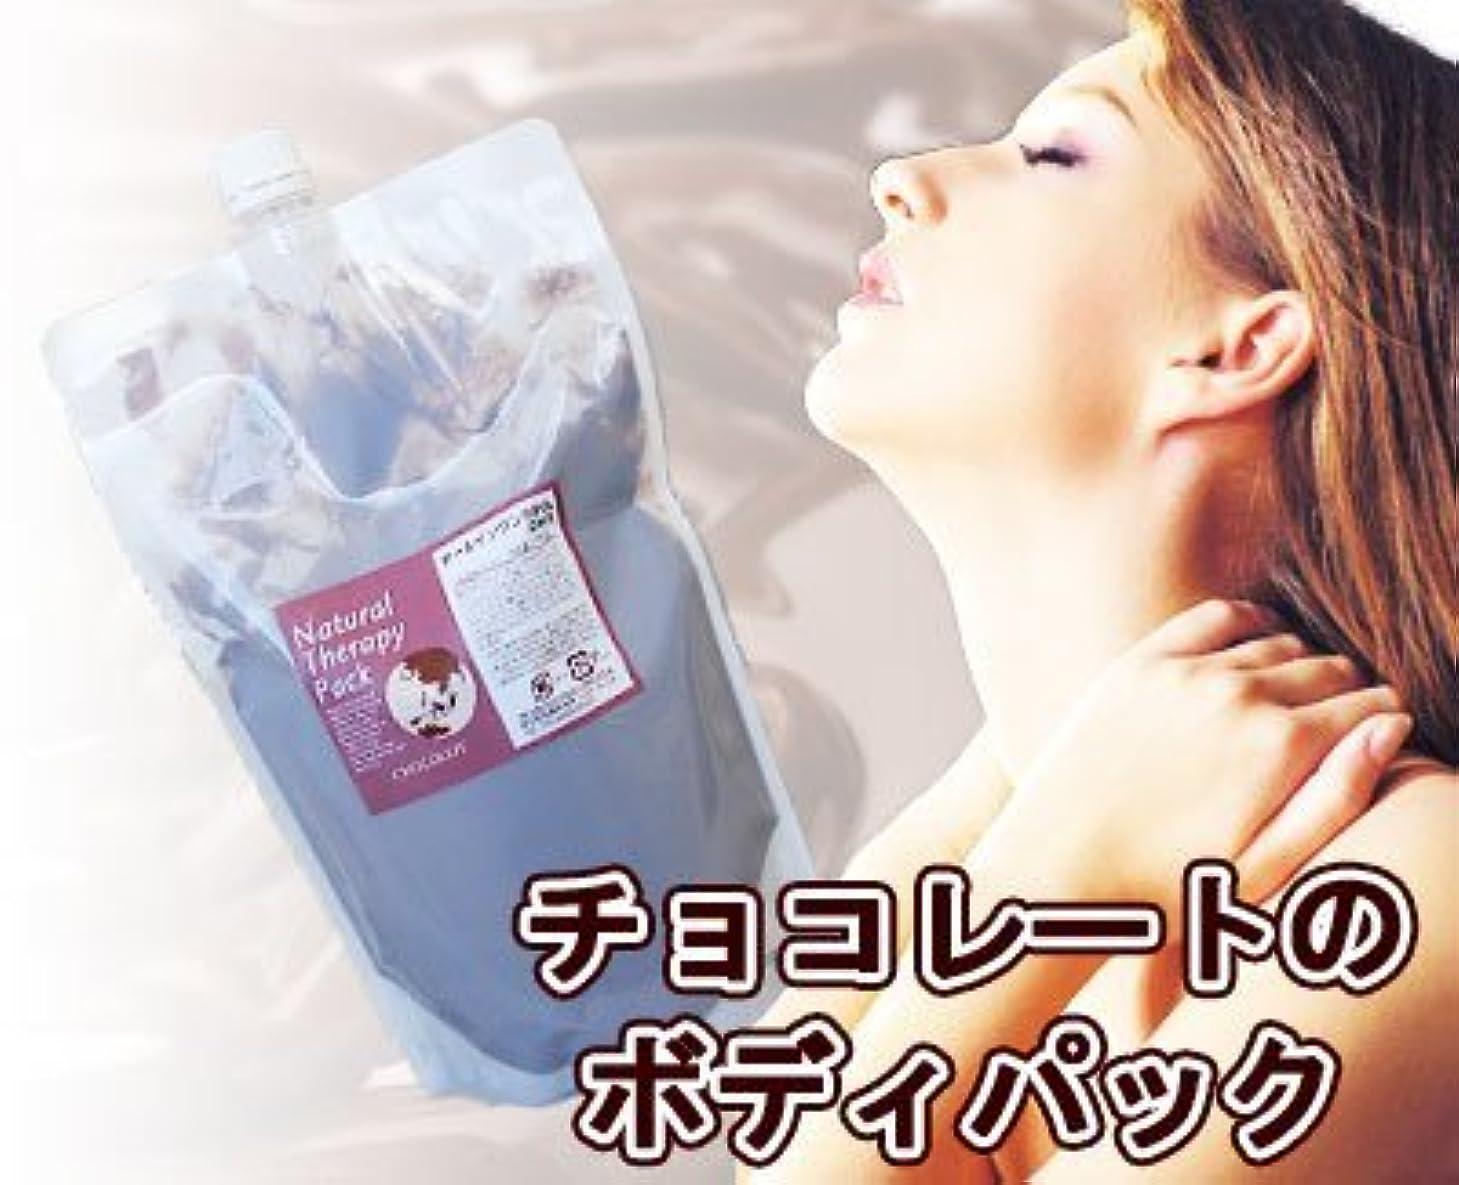 野生司令官健全チョコレートパック 1kg ボディ用 【チョコレートエステ】